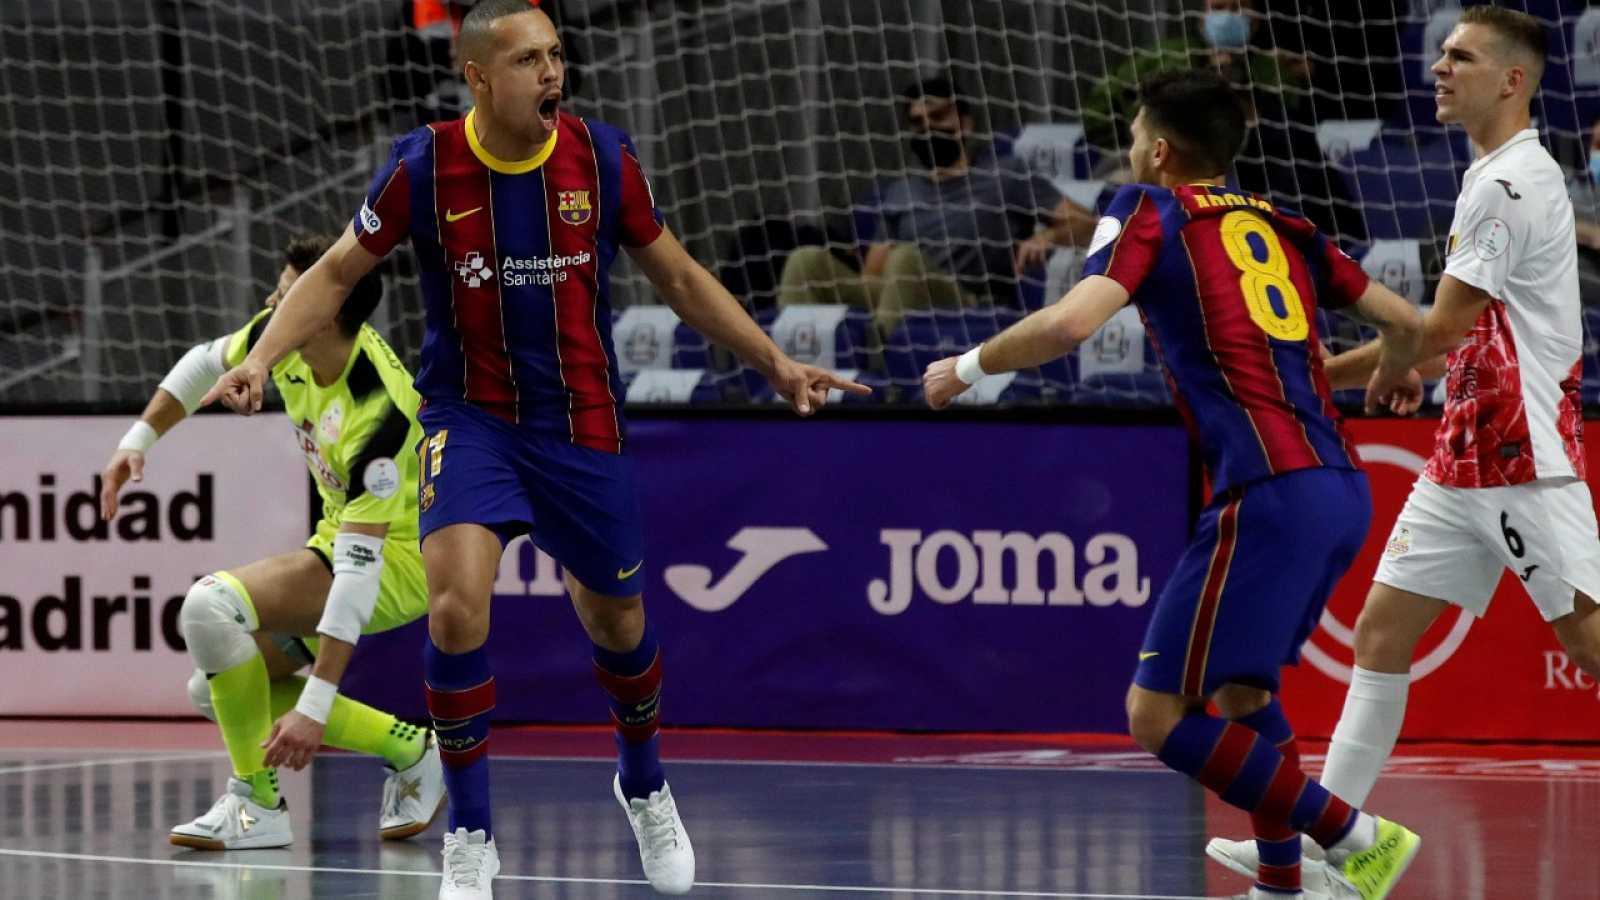 Tanda de penaltis del Barça-El Pozo, de cuartos de final de la Copa de España de Futsal